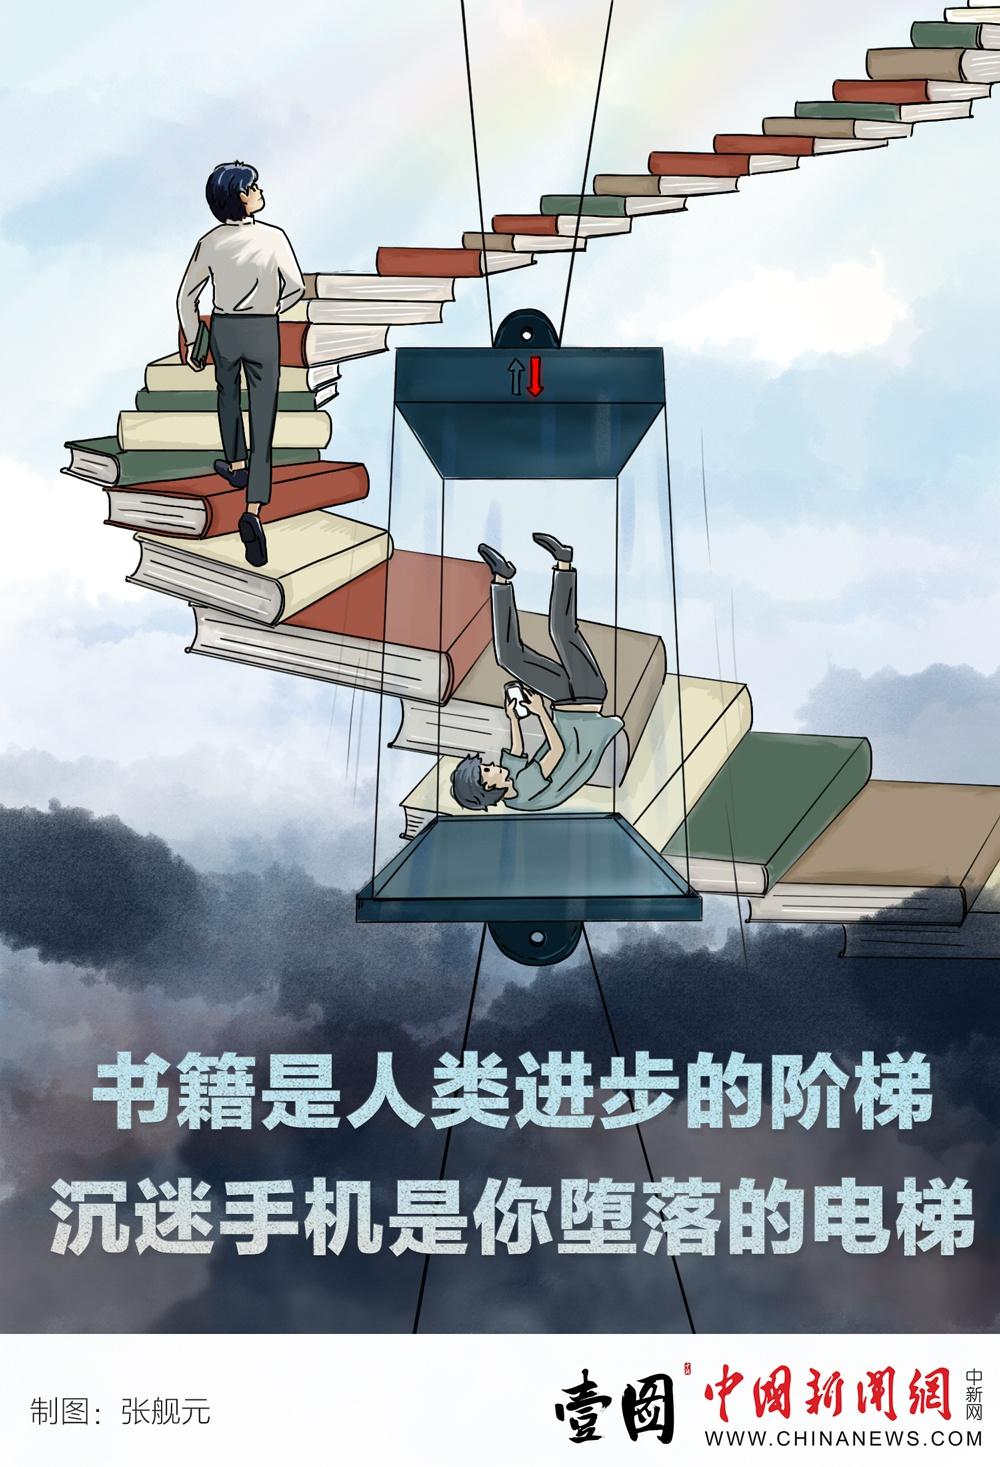 书籍是人类进步的阶梯 沉迷手机是你堕落的电梯